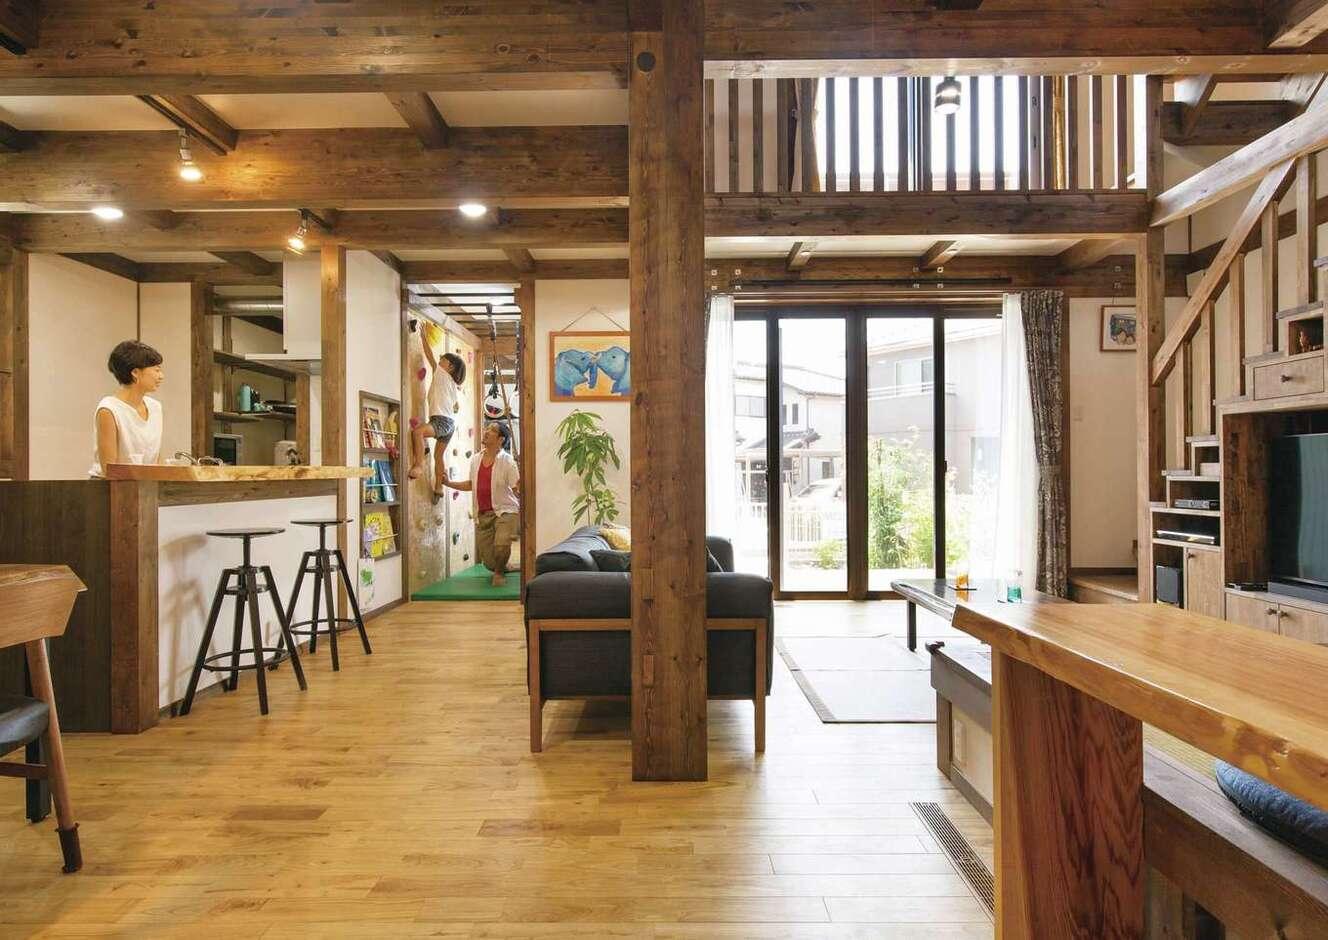 サイエンスホーム甲府店・笛吹店【デザイン住宅、子育て、自然素材】家族がどこにいても様子が見える位置にキッチンを配置。吹抜けを通して2階の気配も感じるので安心